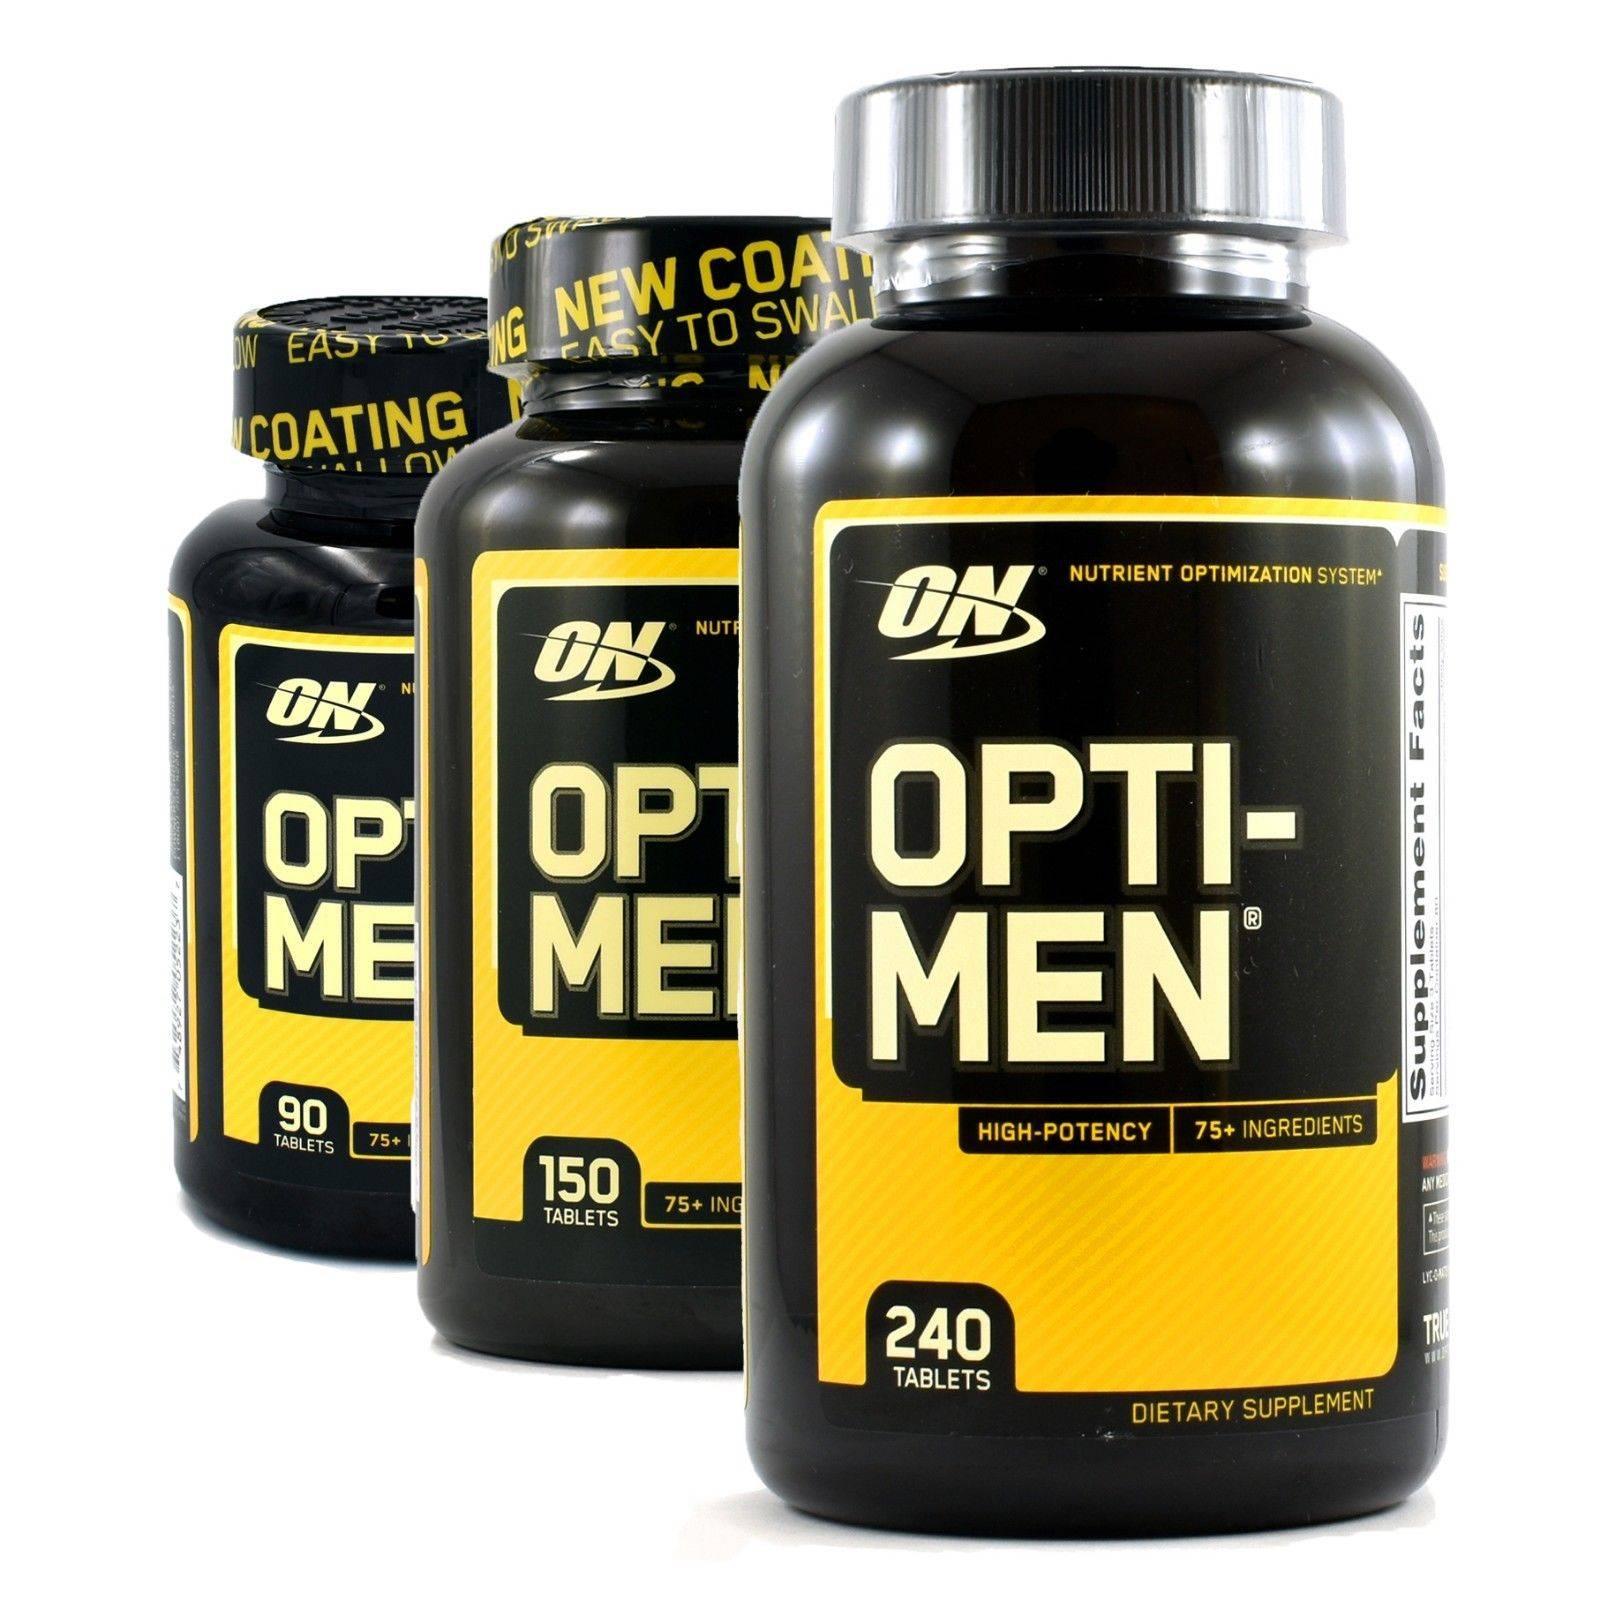 Витамины для роста мышц для мужчин: рейтинг лучших, состав, показания к применению и правила приема